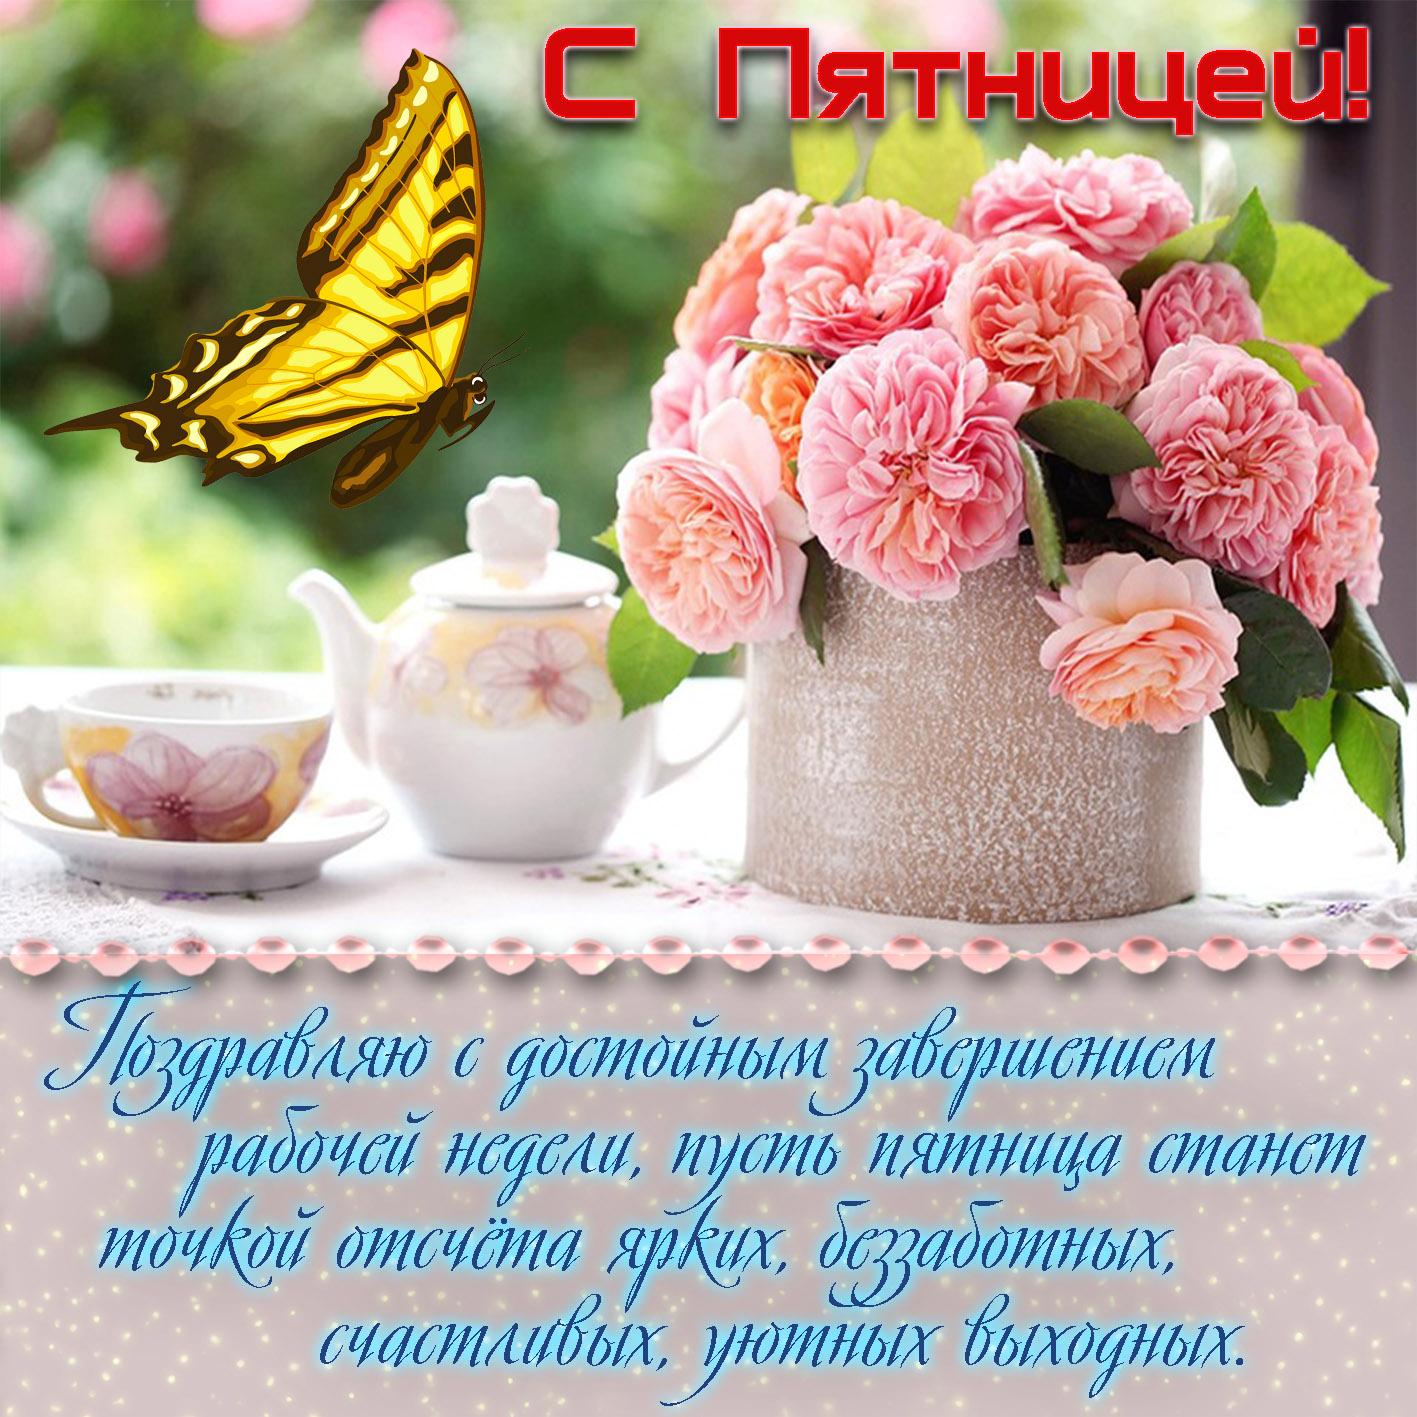 Картинки с пожеланием доброго утра и хорошего дня прикольные красивые пятница